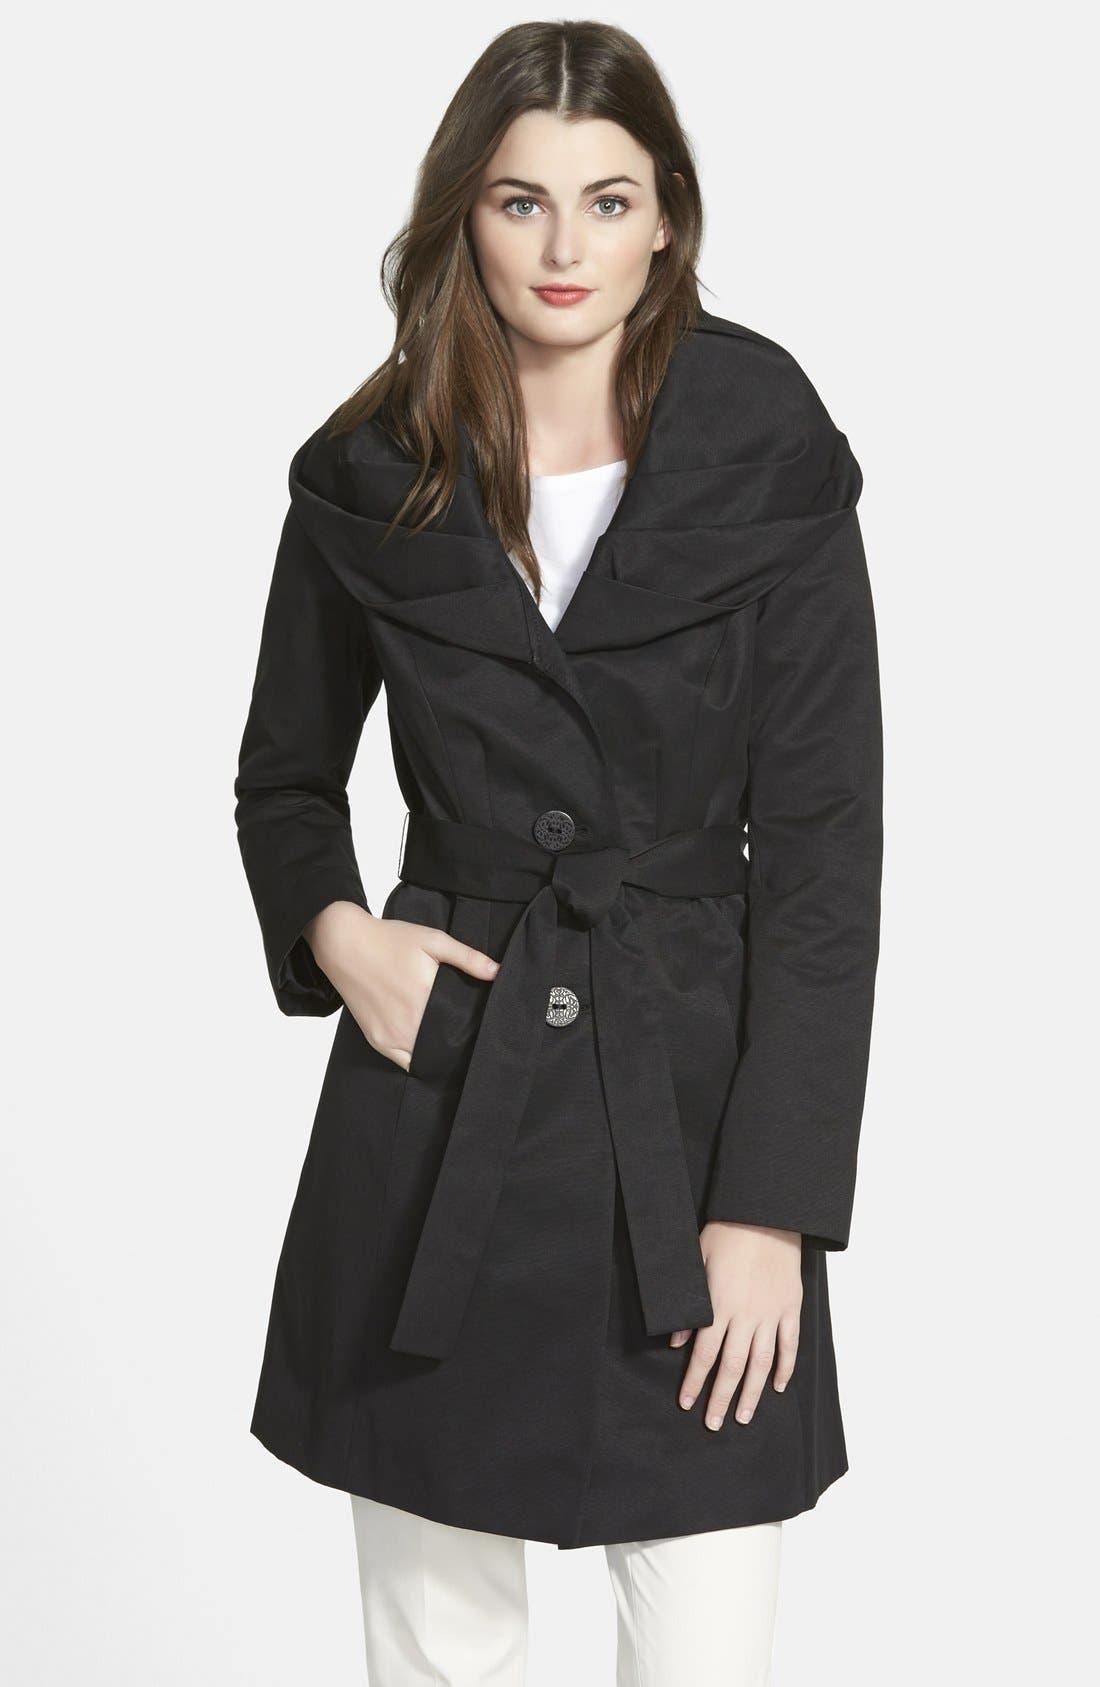 Main Image - T Tahari 'Cheryl' Trench Coat